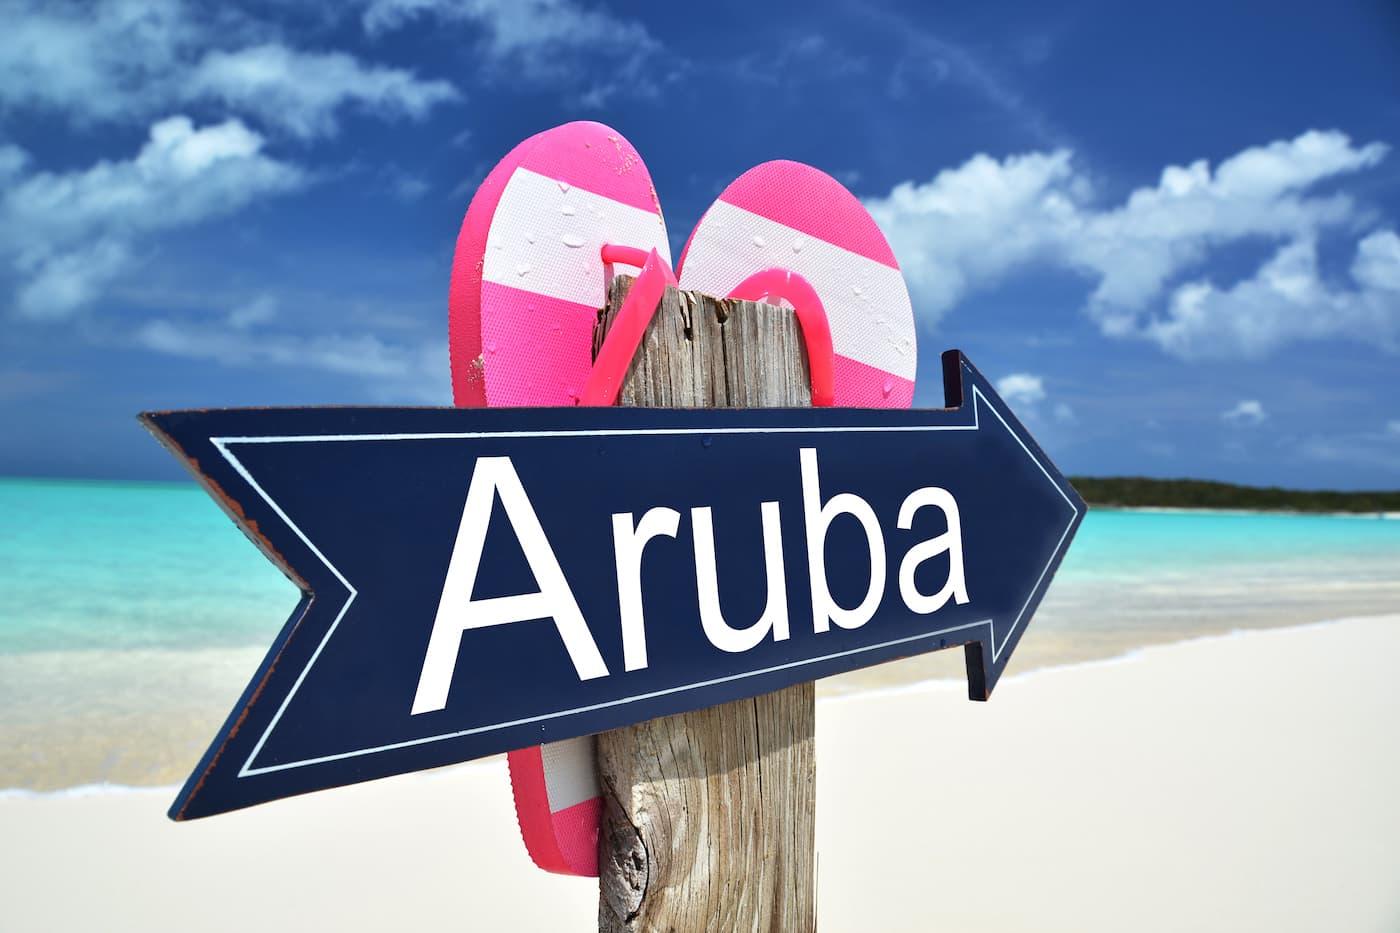 aruba points of interest